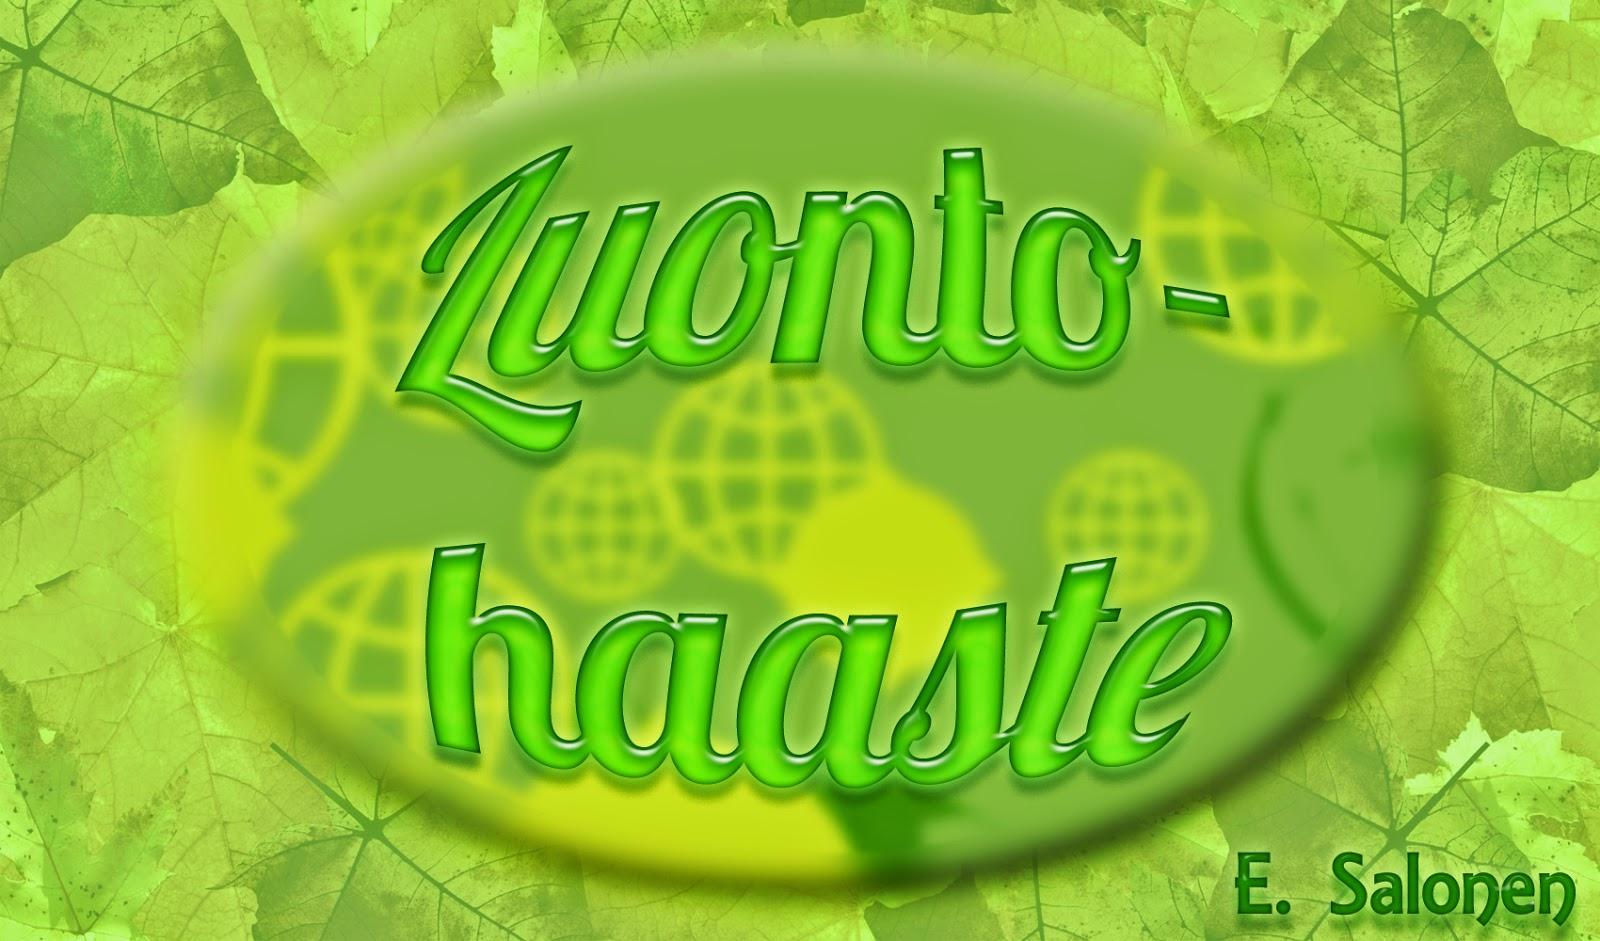 http://luontohaaste1.blogspot.fi/2014/07/luontohaaste-19.html